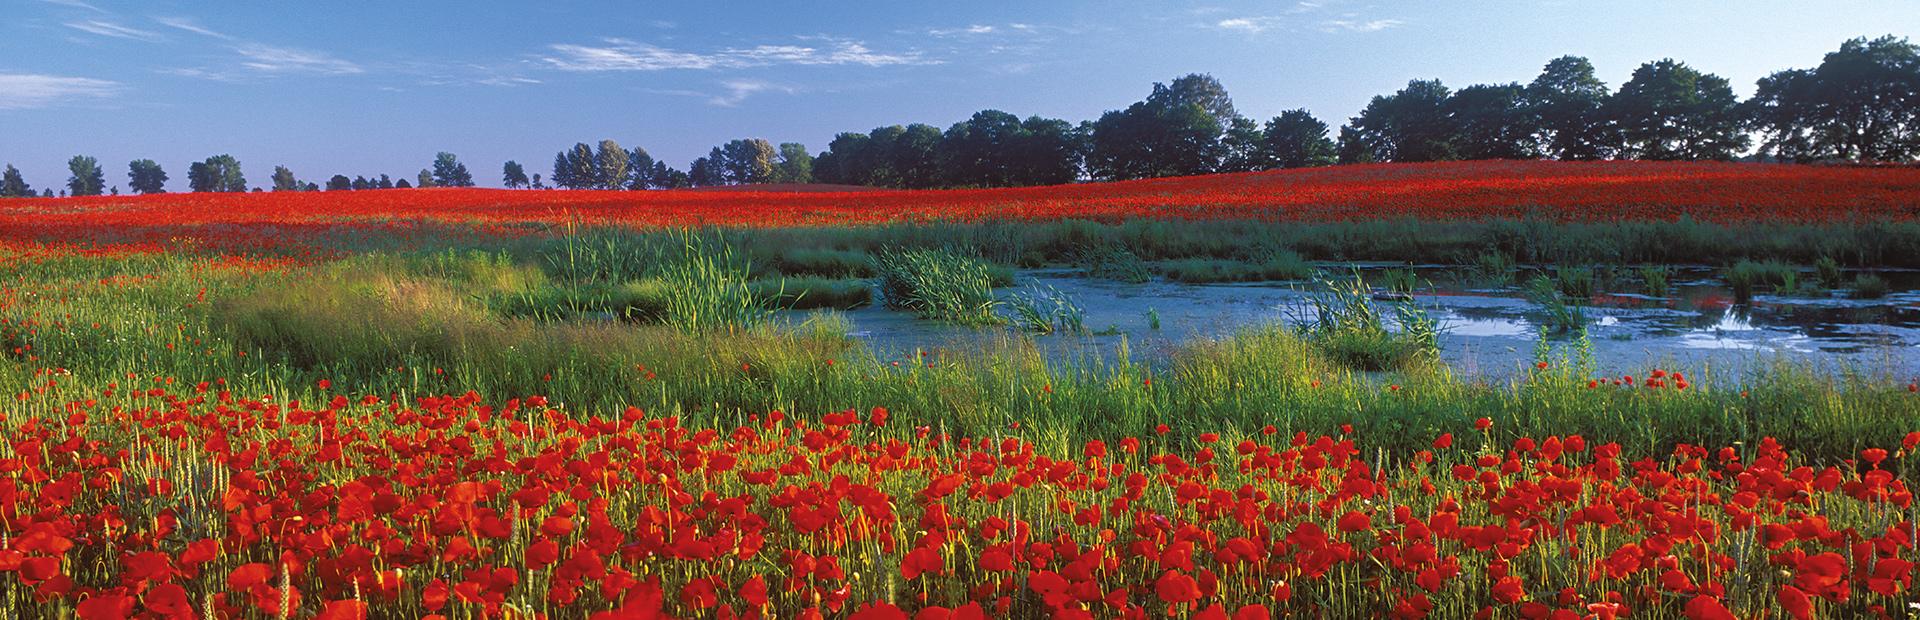 Zdjęcie przedstawia pole maków a pośrodku pola mały staw.